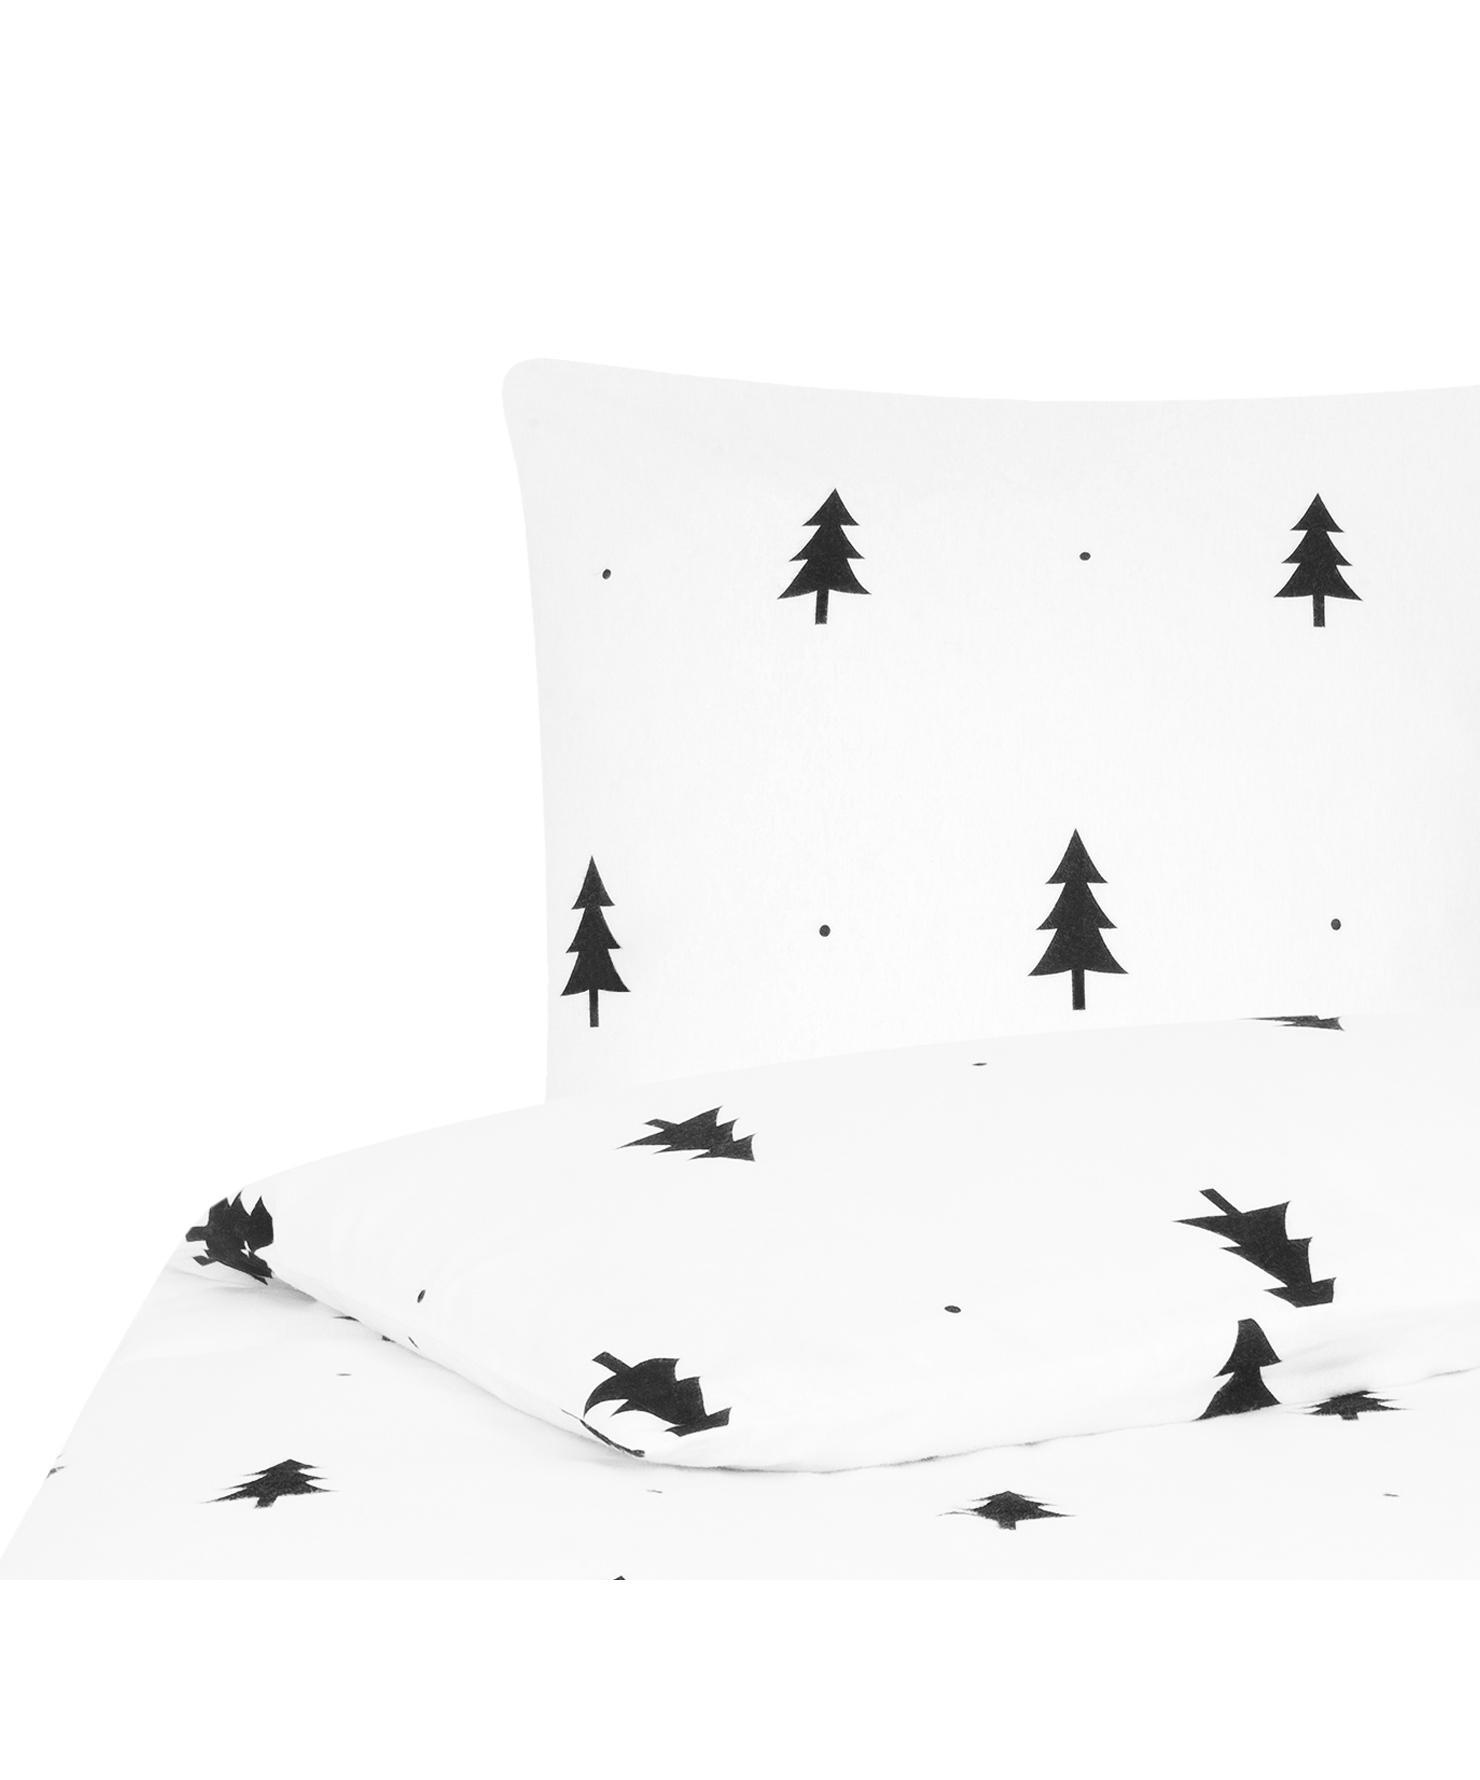 Flanell-Bettwäsche X-mas Tree mit Tannenbäumen, Webart: Flanell Flanell ist ein s, Weiß, Schwarz, 135 x 200 cm + 1 Kissen 80 x 80 cm